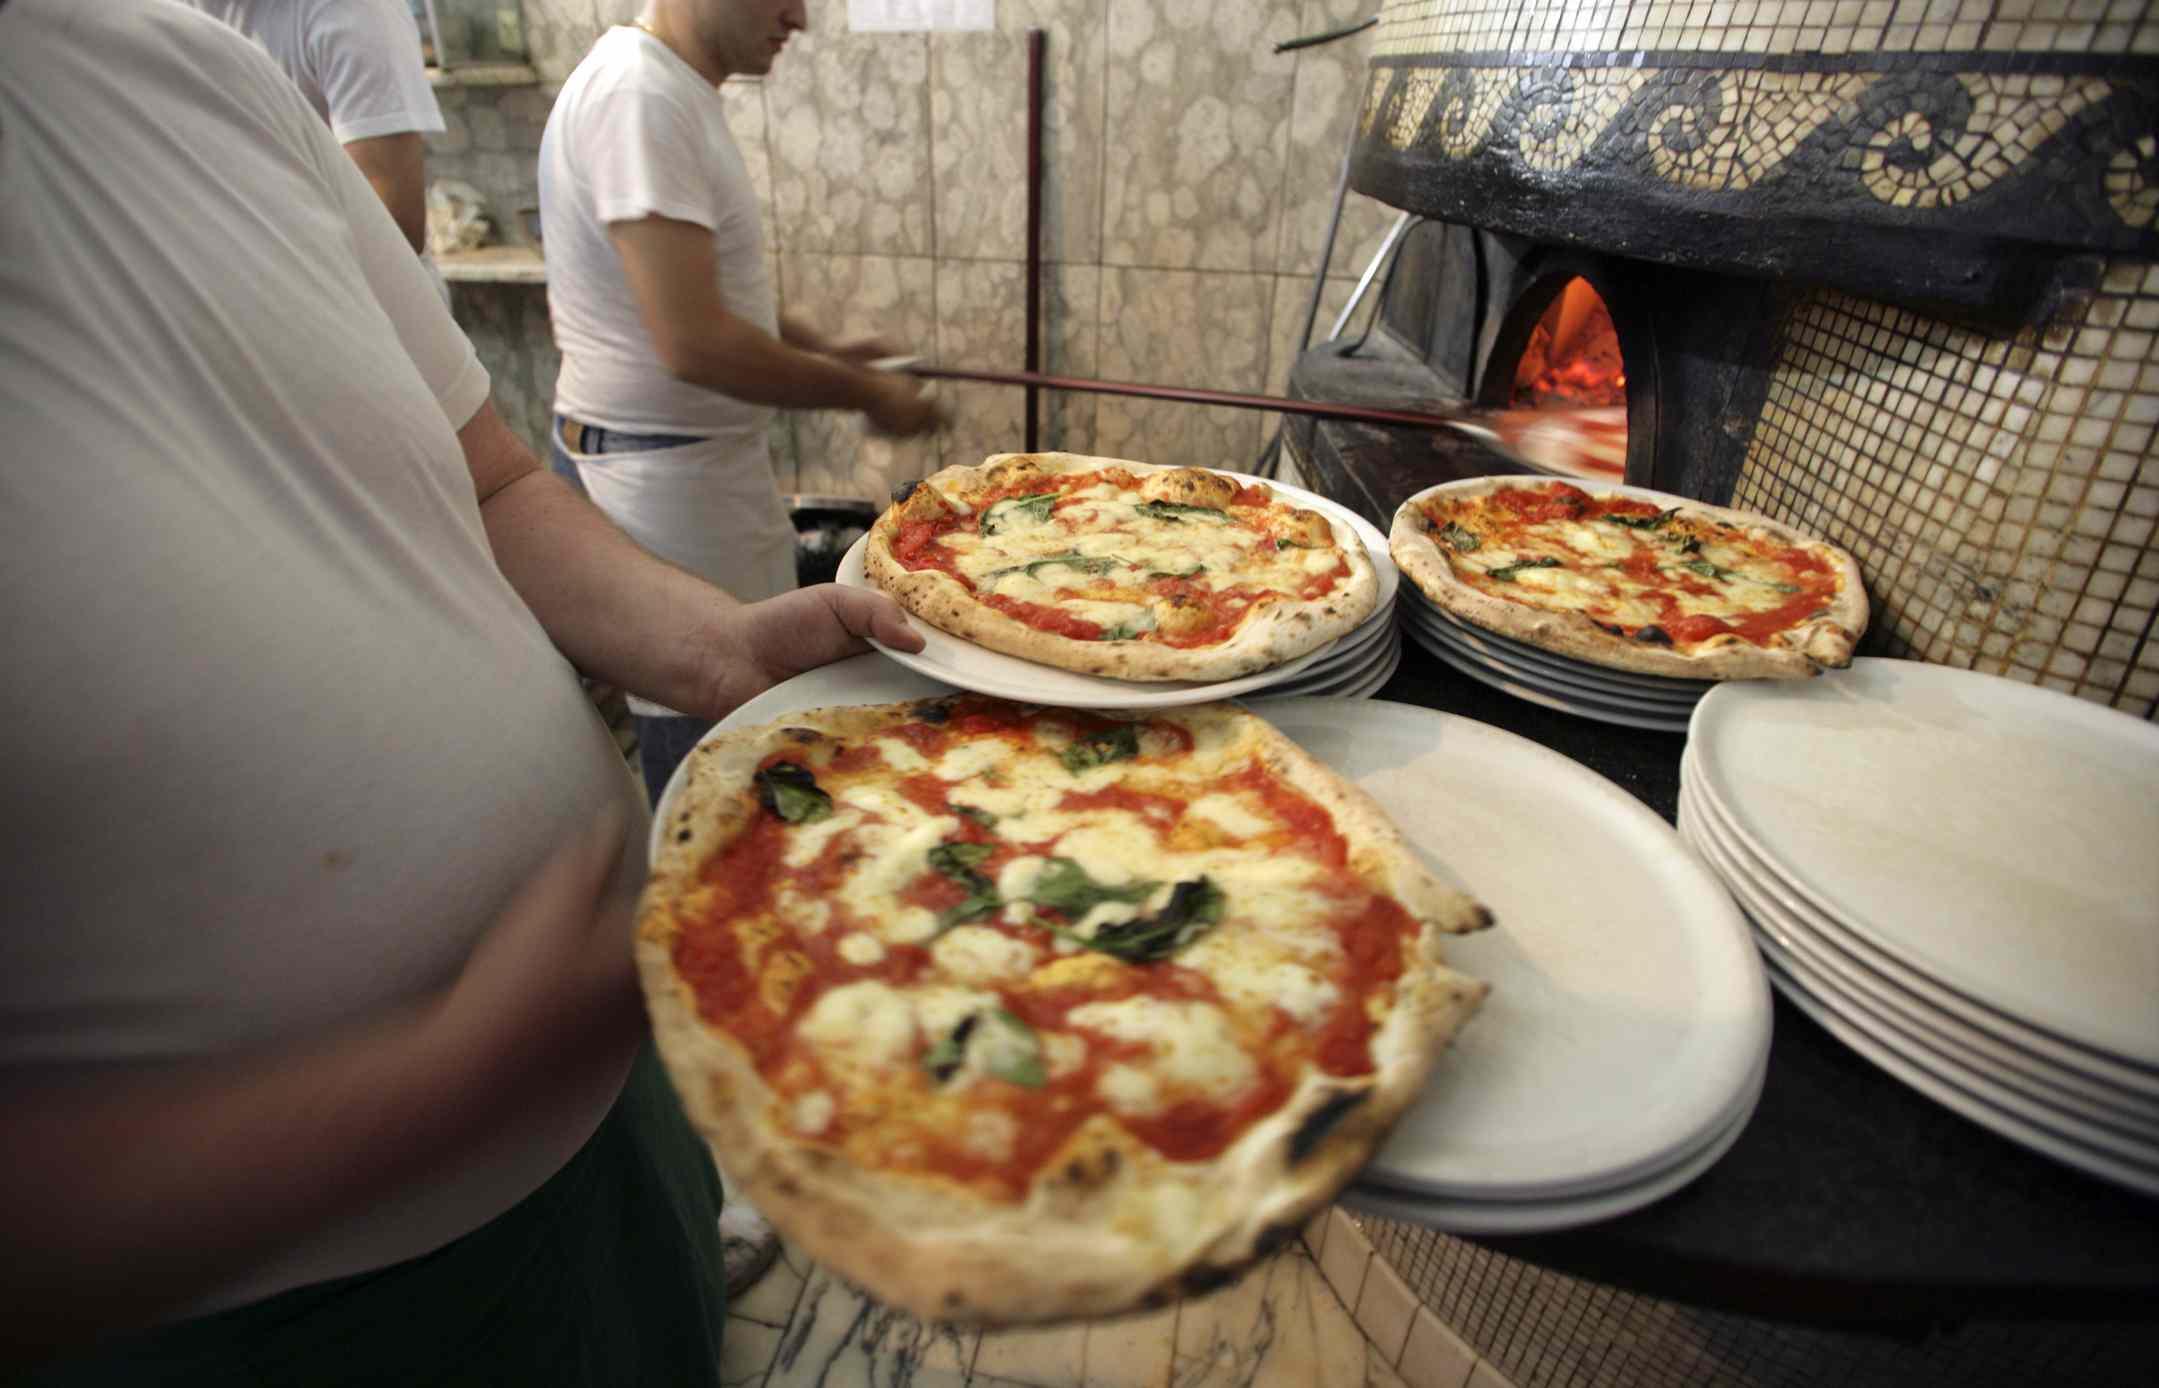 Pizzamakers in Naples